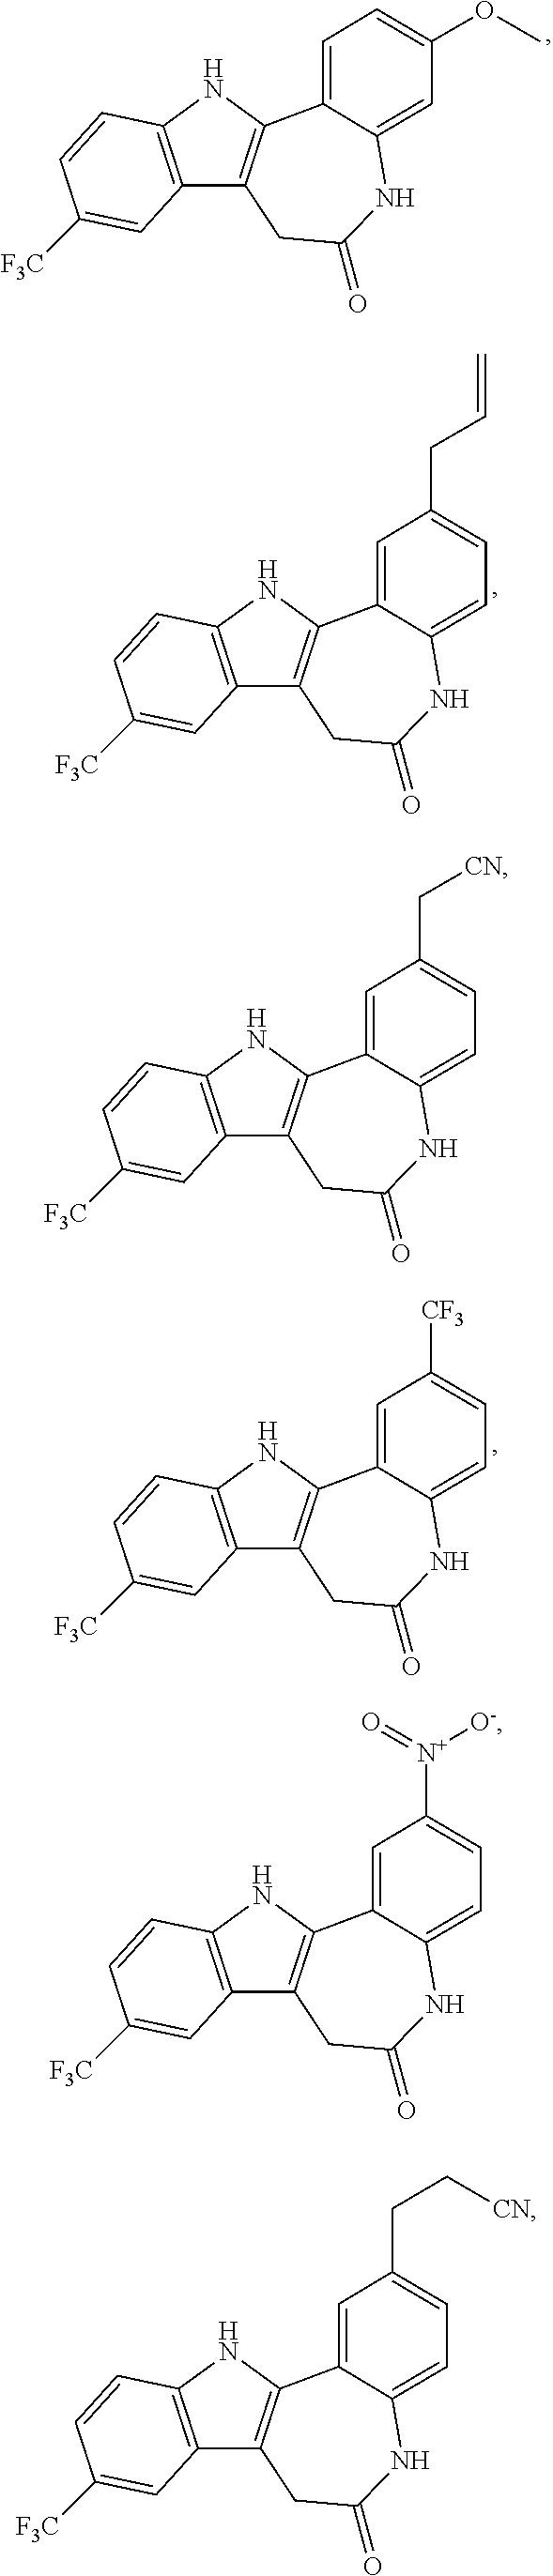 Figure US09572815-20170221-C00013